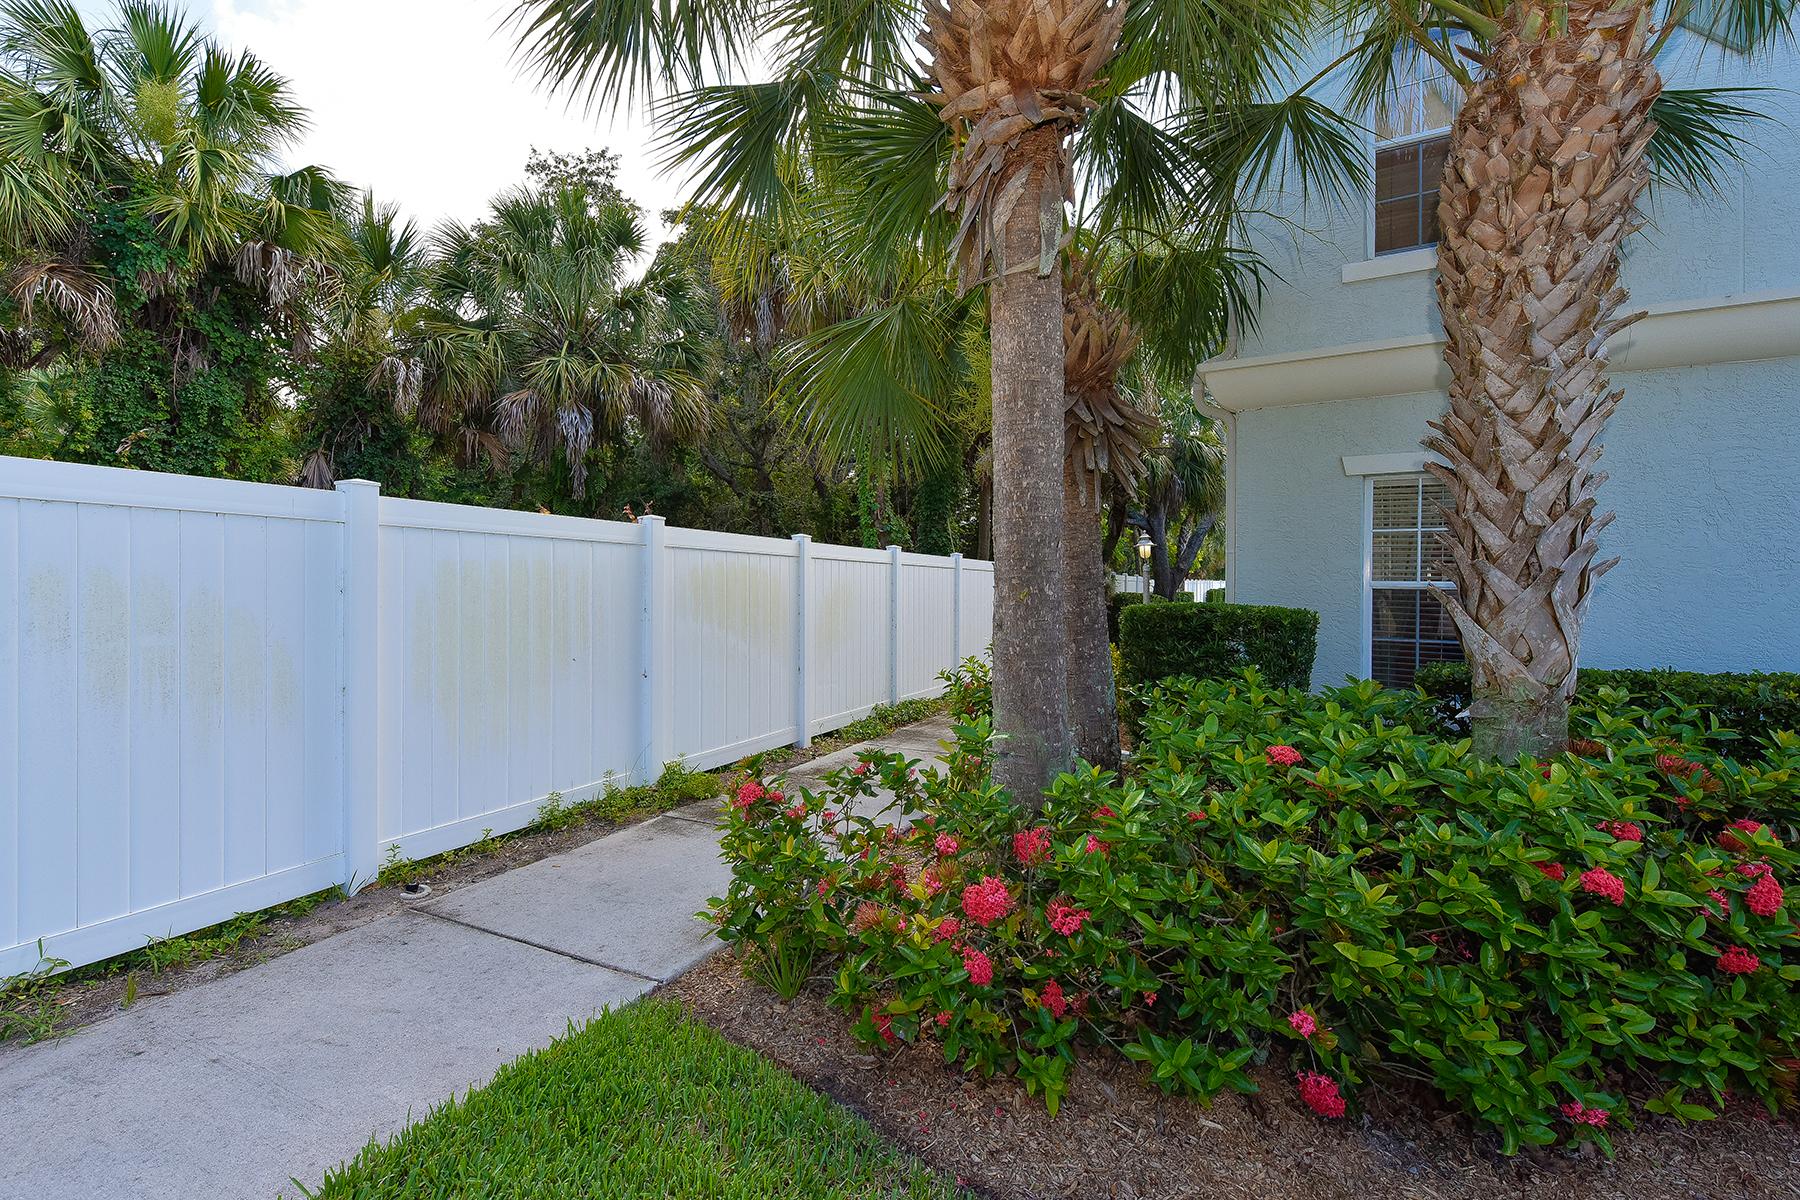 Кооперативная квартира для того Продажа на MAGNOLIA PARK 900 Gardens Edge Dr 910 Venice, Флорида, 34285 Соединенные Штаты